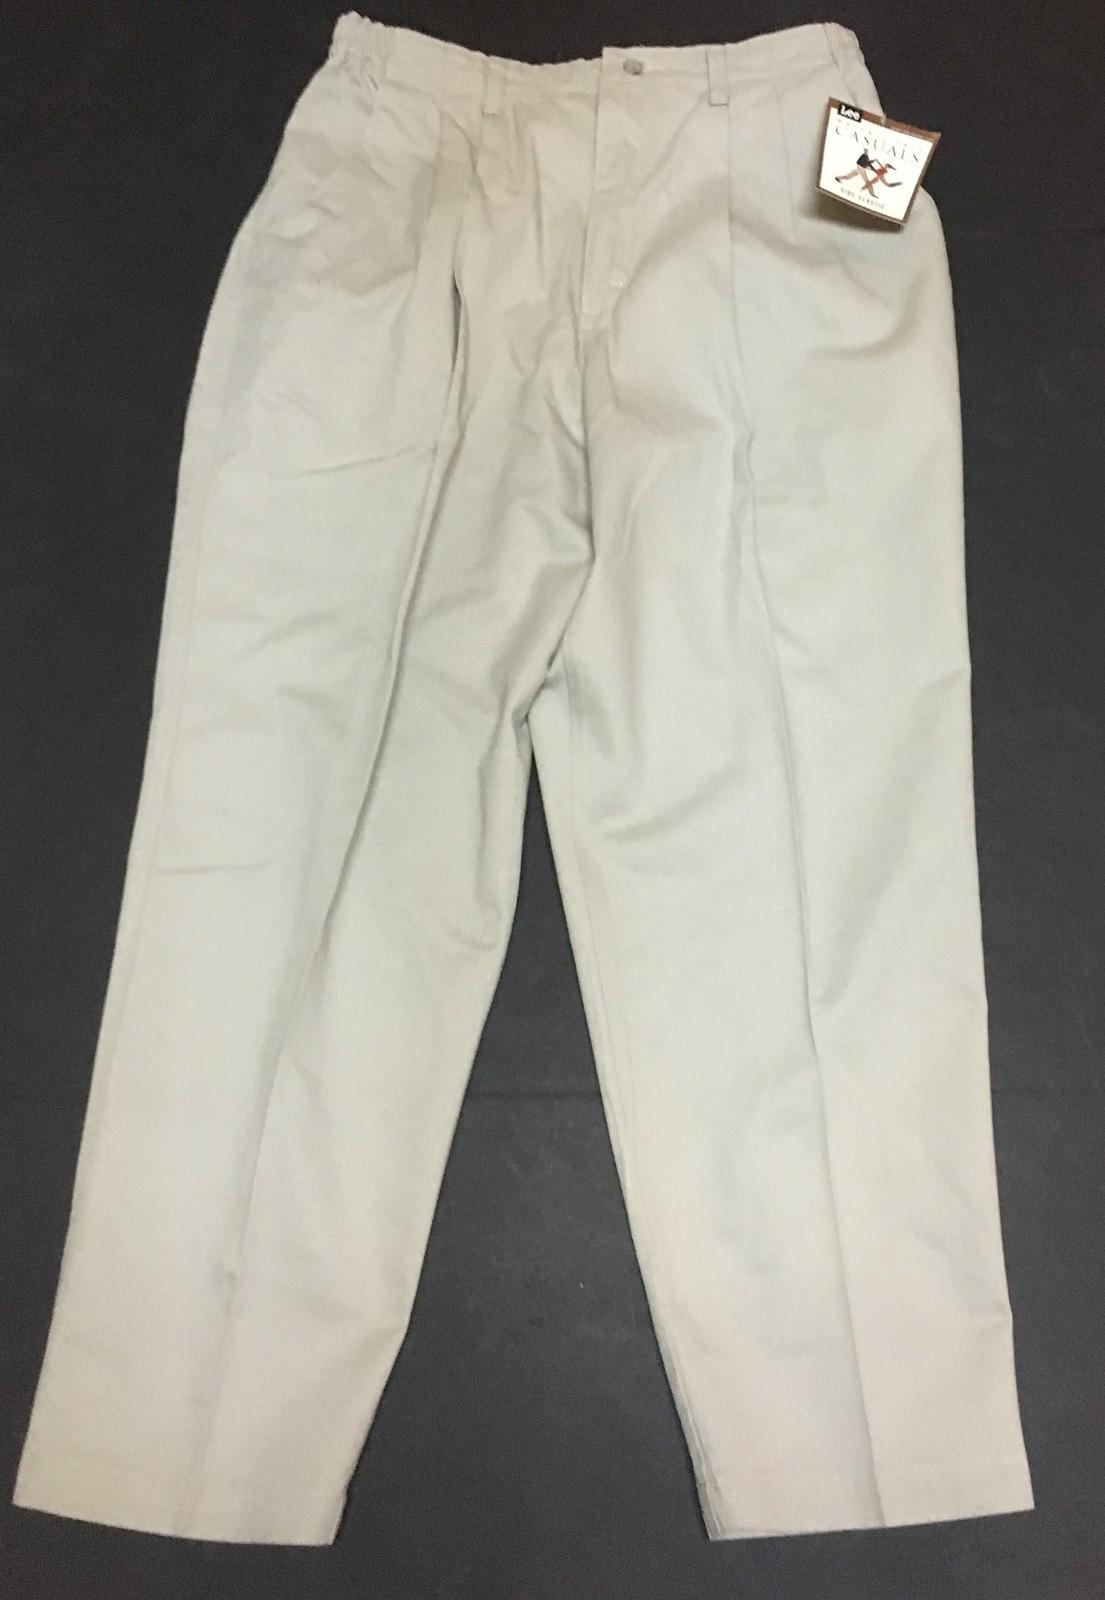 Lee Casuals Beige Pants Sz 16P NWT Wrinkle Free Side Elastic